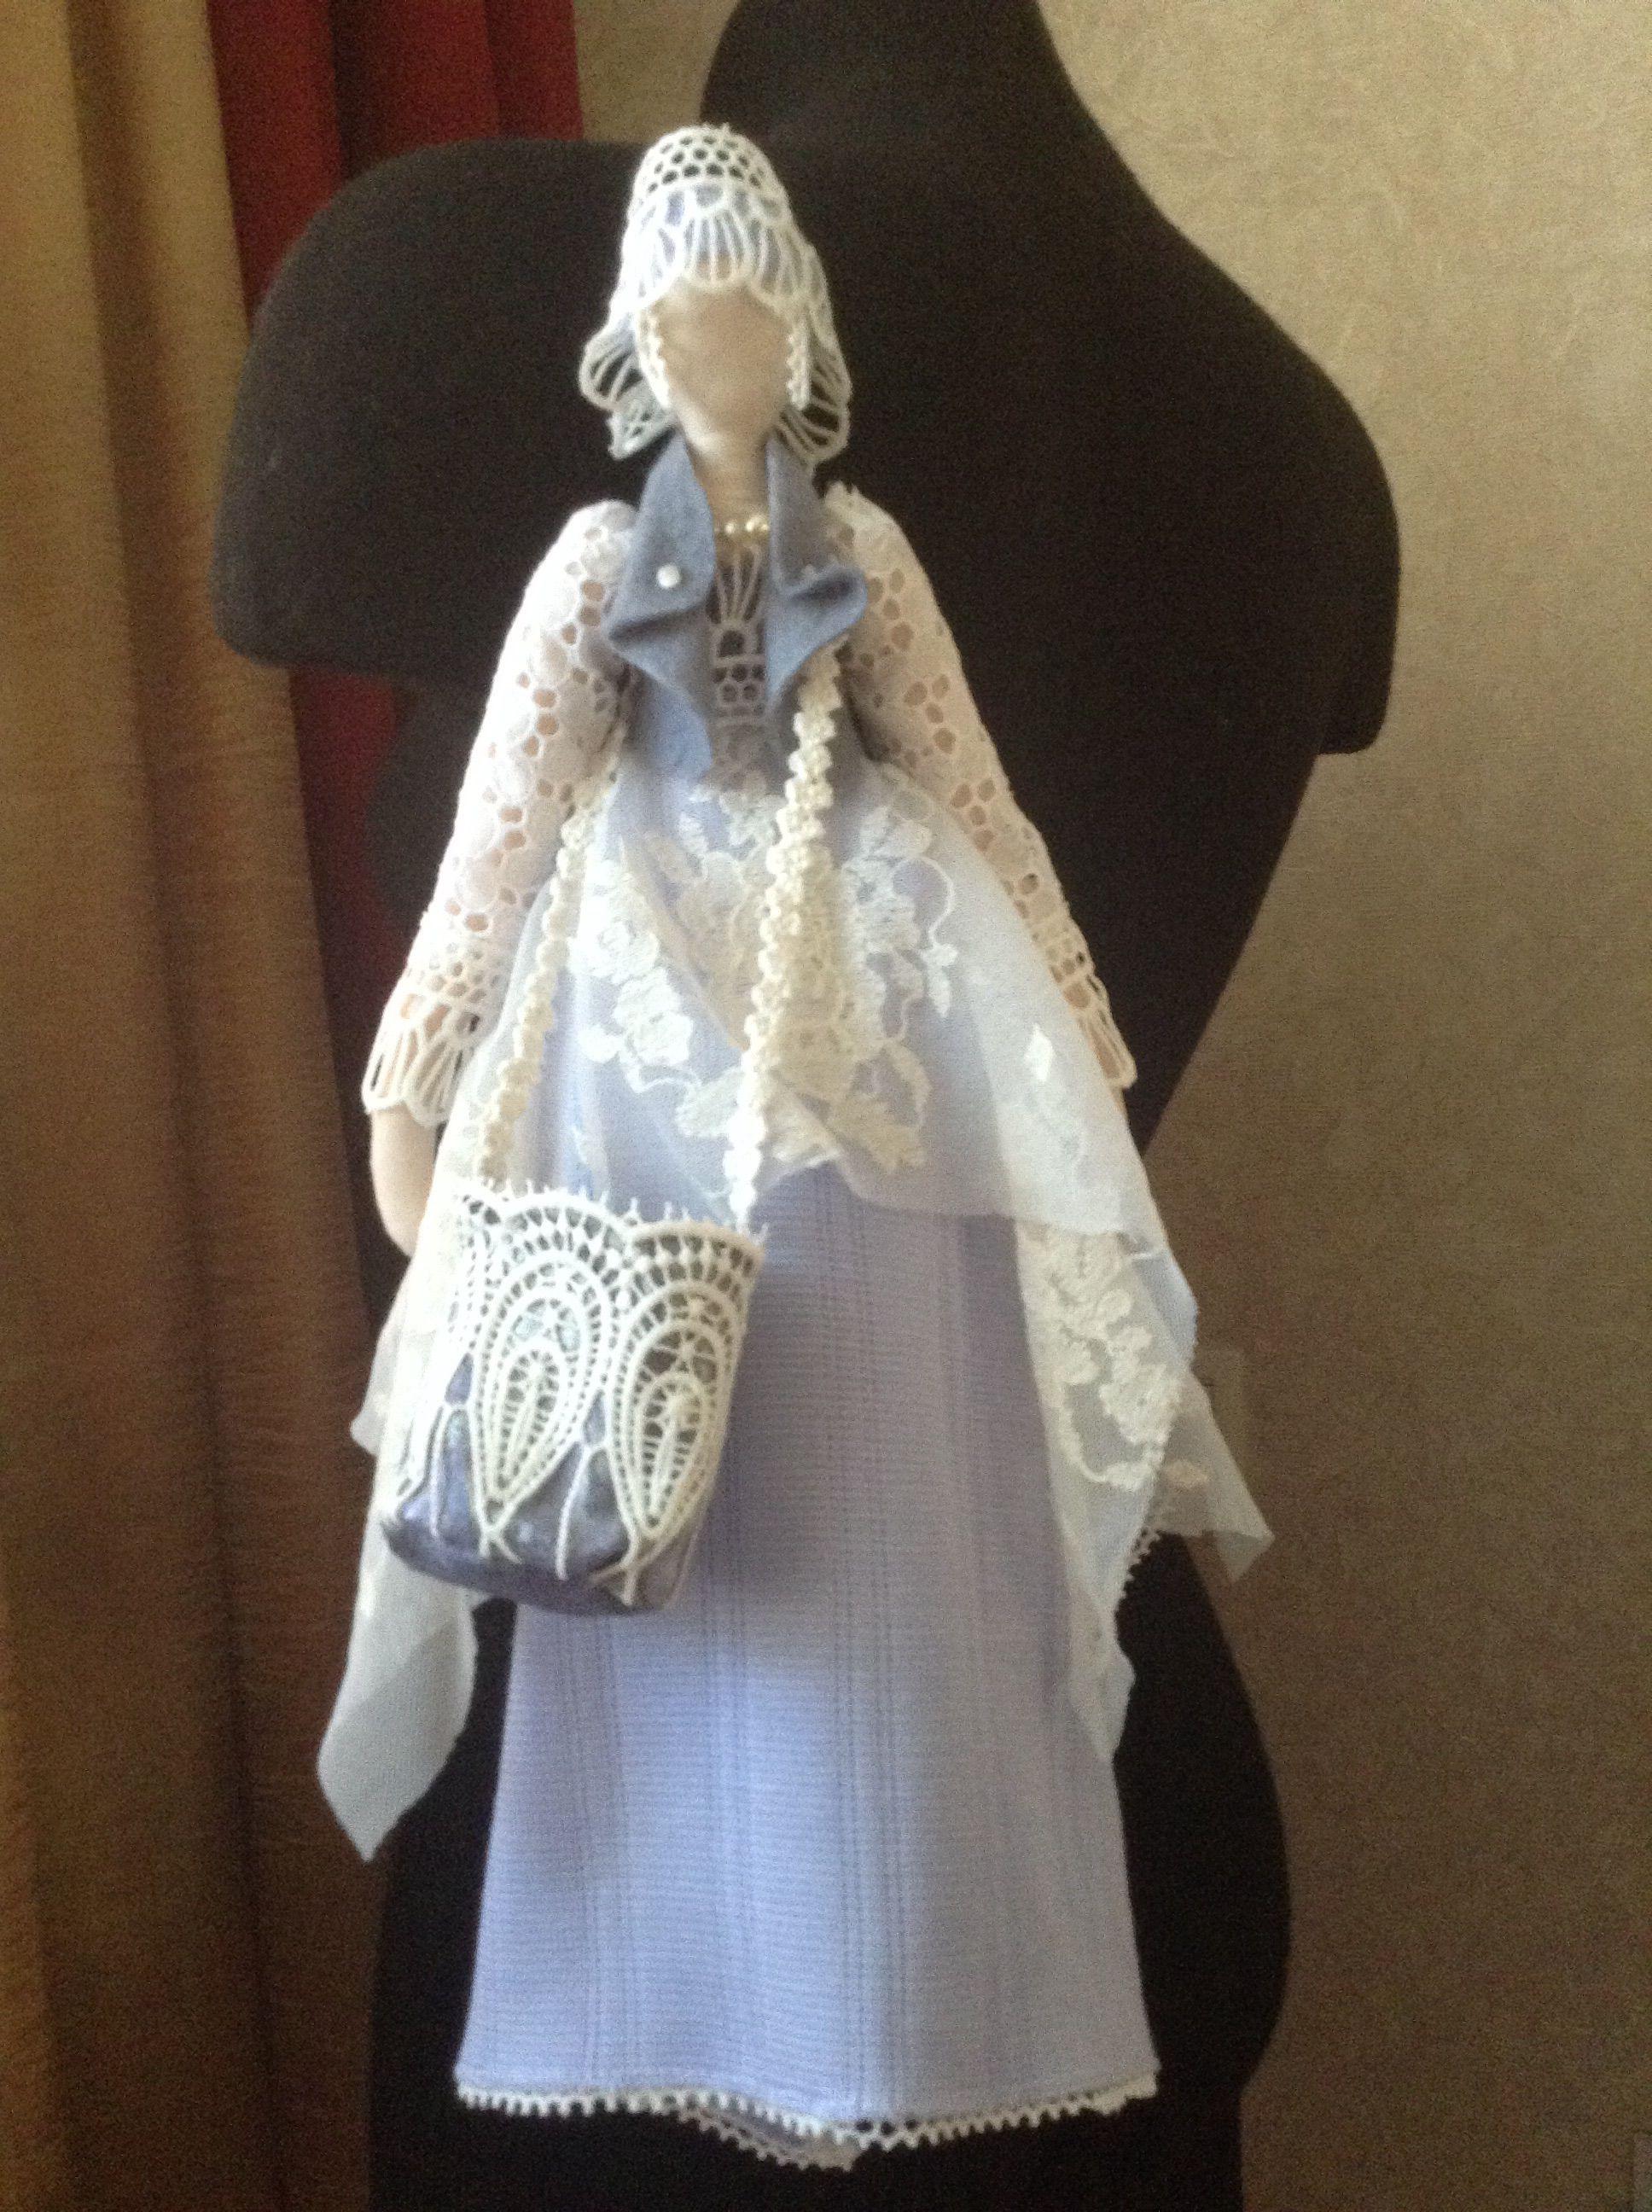 ручнаяработа ватныепалочки ватные хранение тильда сюрприз кукла текстильнаякукла диски подарок